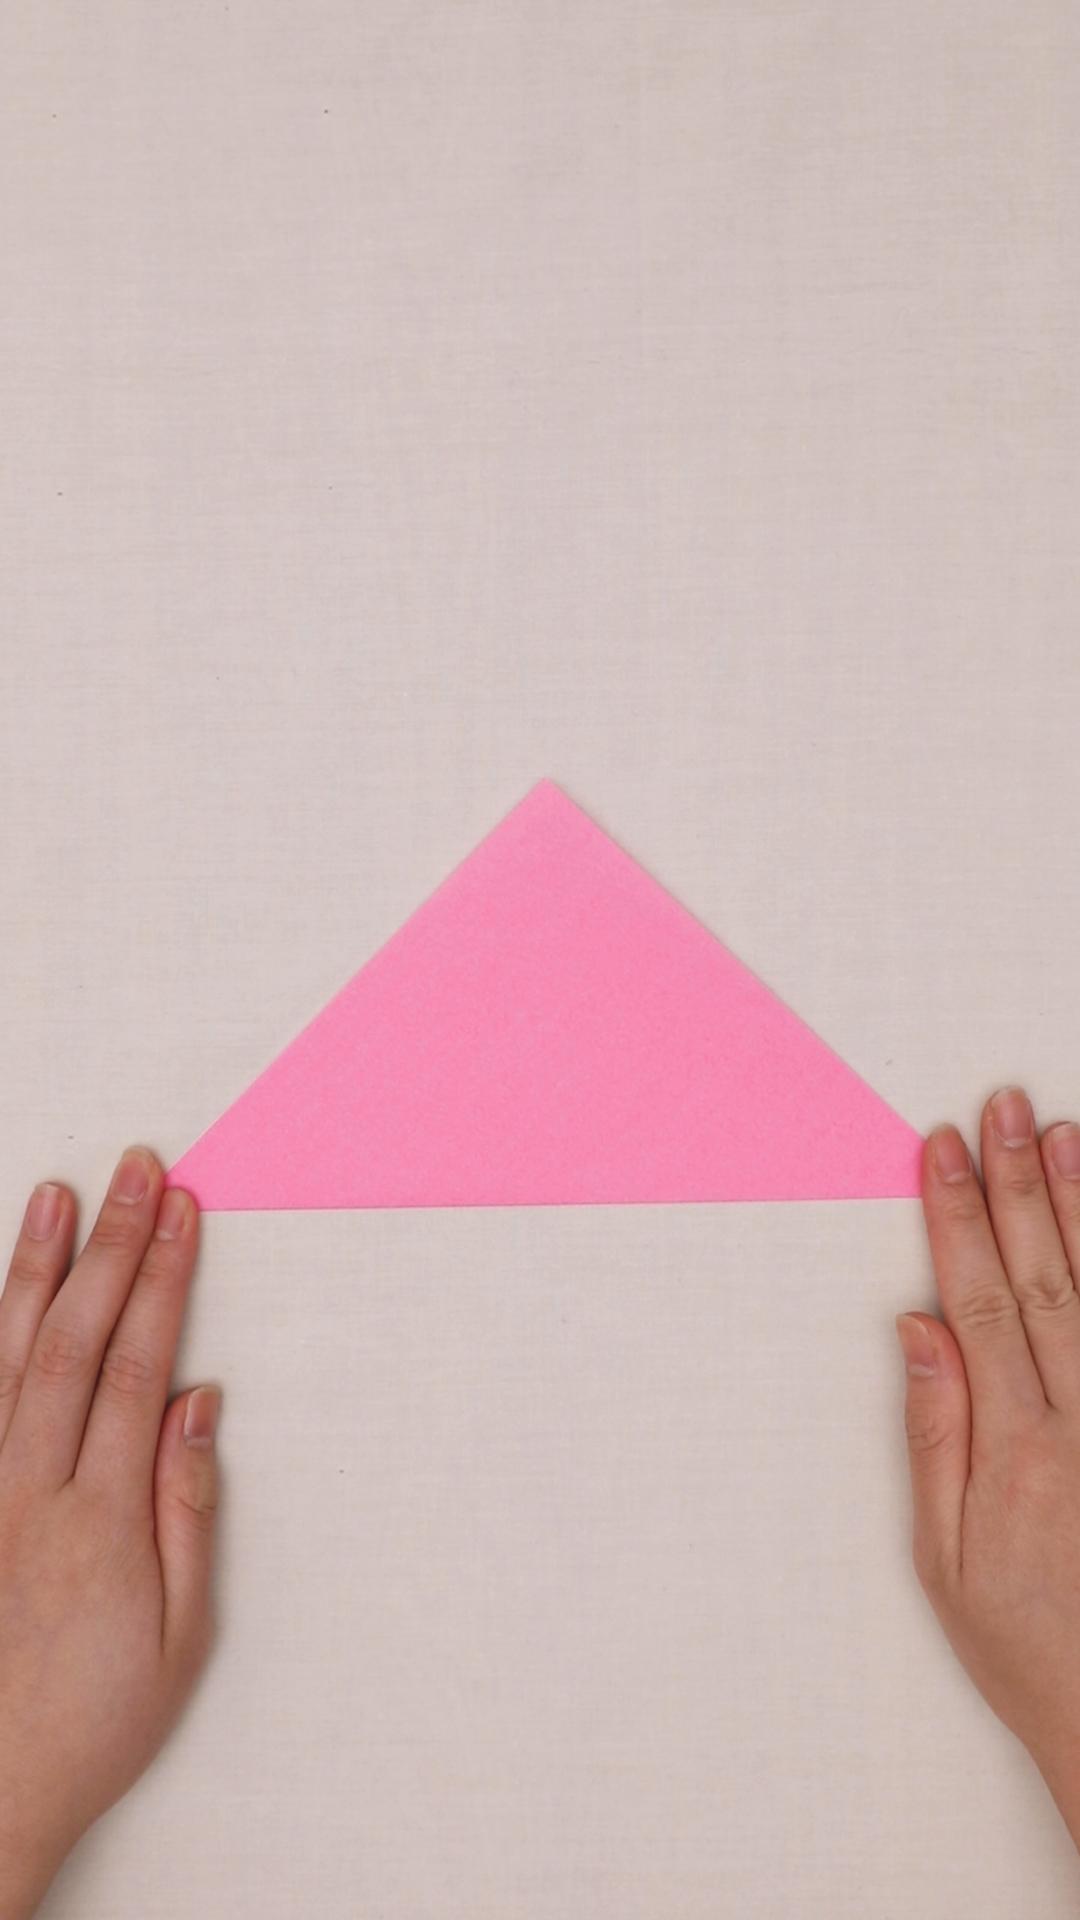 全身 平面 折り紙 うさぎ